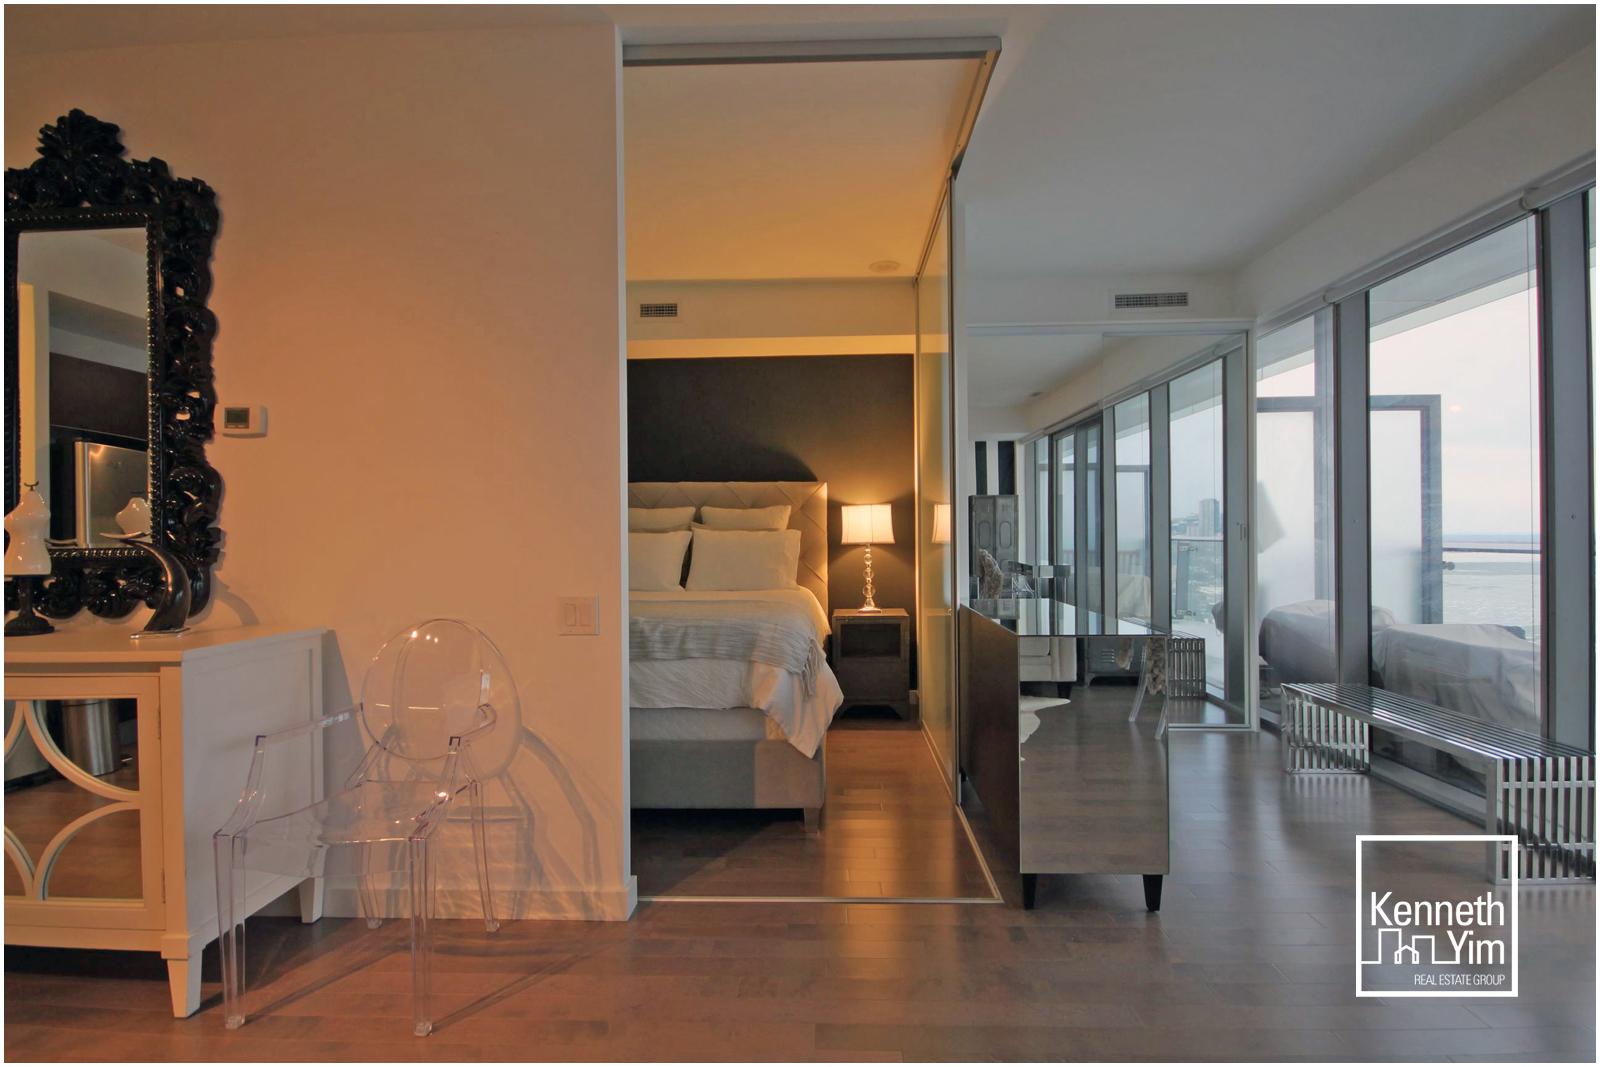 08 - Bedroom and Den.jpg